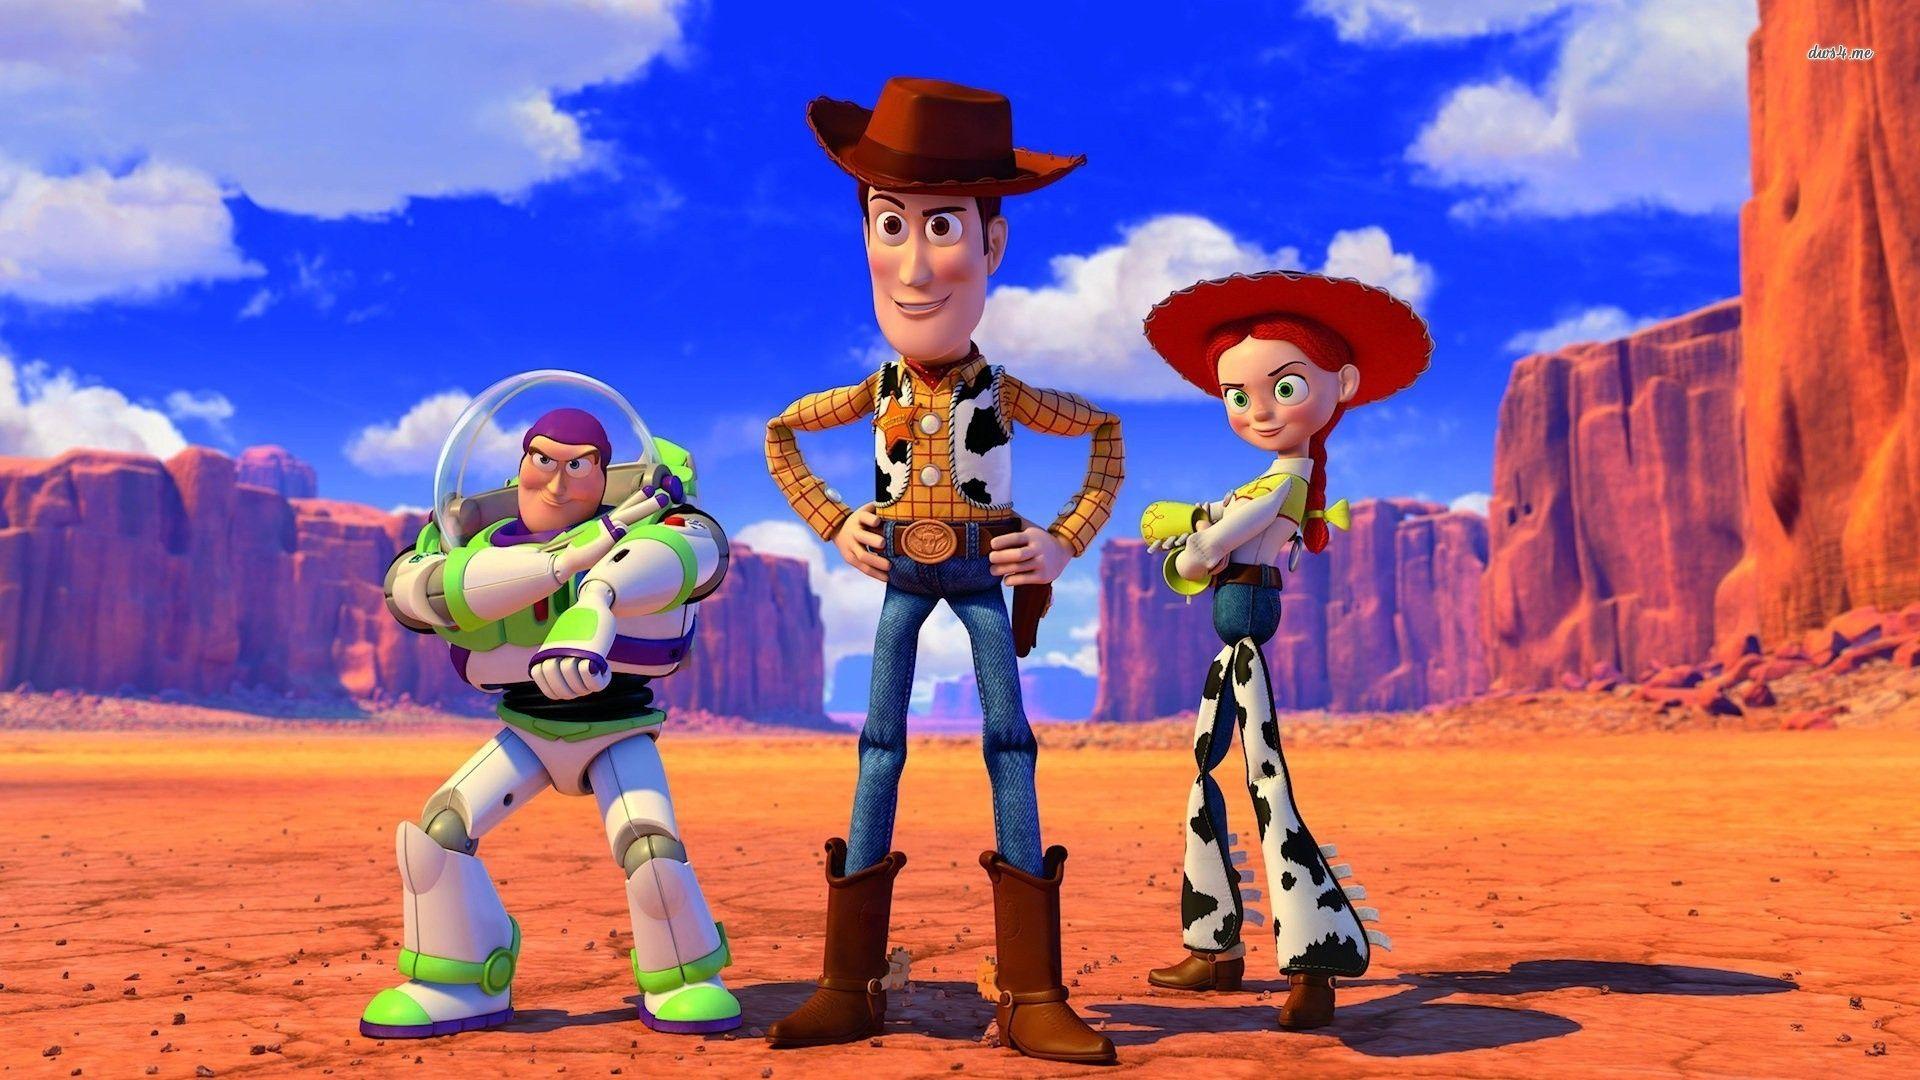 Buzz Lightyear Sheriff Woody And Jessie Toy Story 1920x1080 Wallpaper Woody Toy Story Toy Story Movie Jessie Toy Story